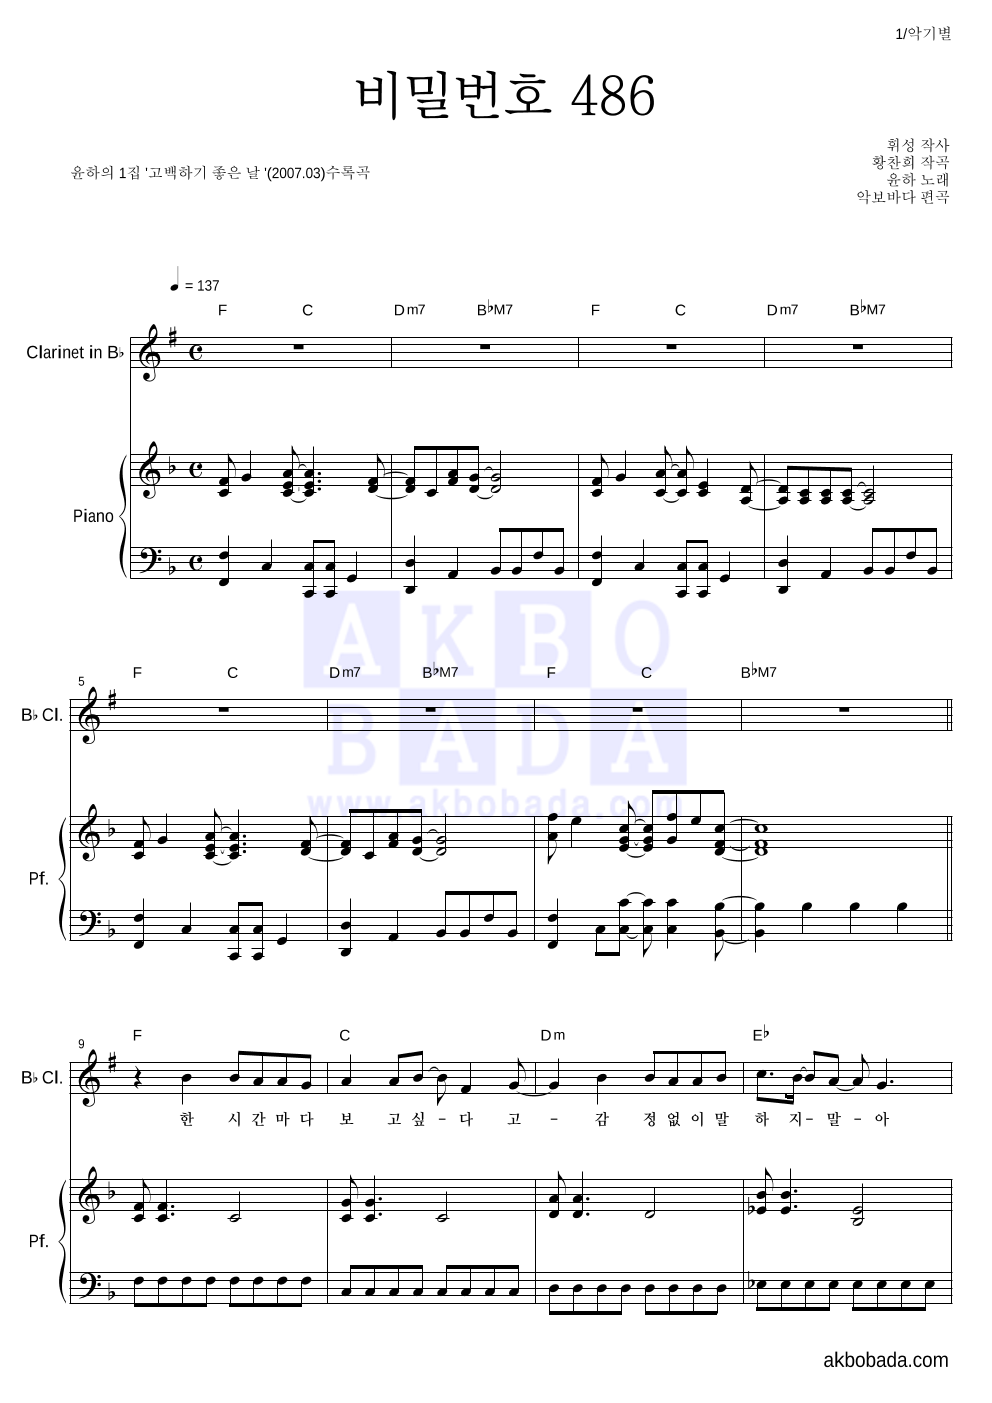 윤하 - 비밀번호 486 클라리넷&피아노 악보